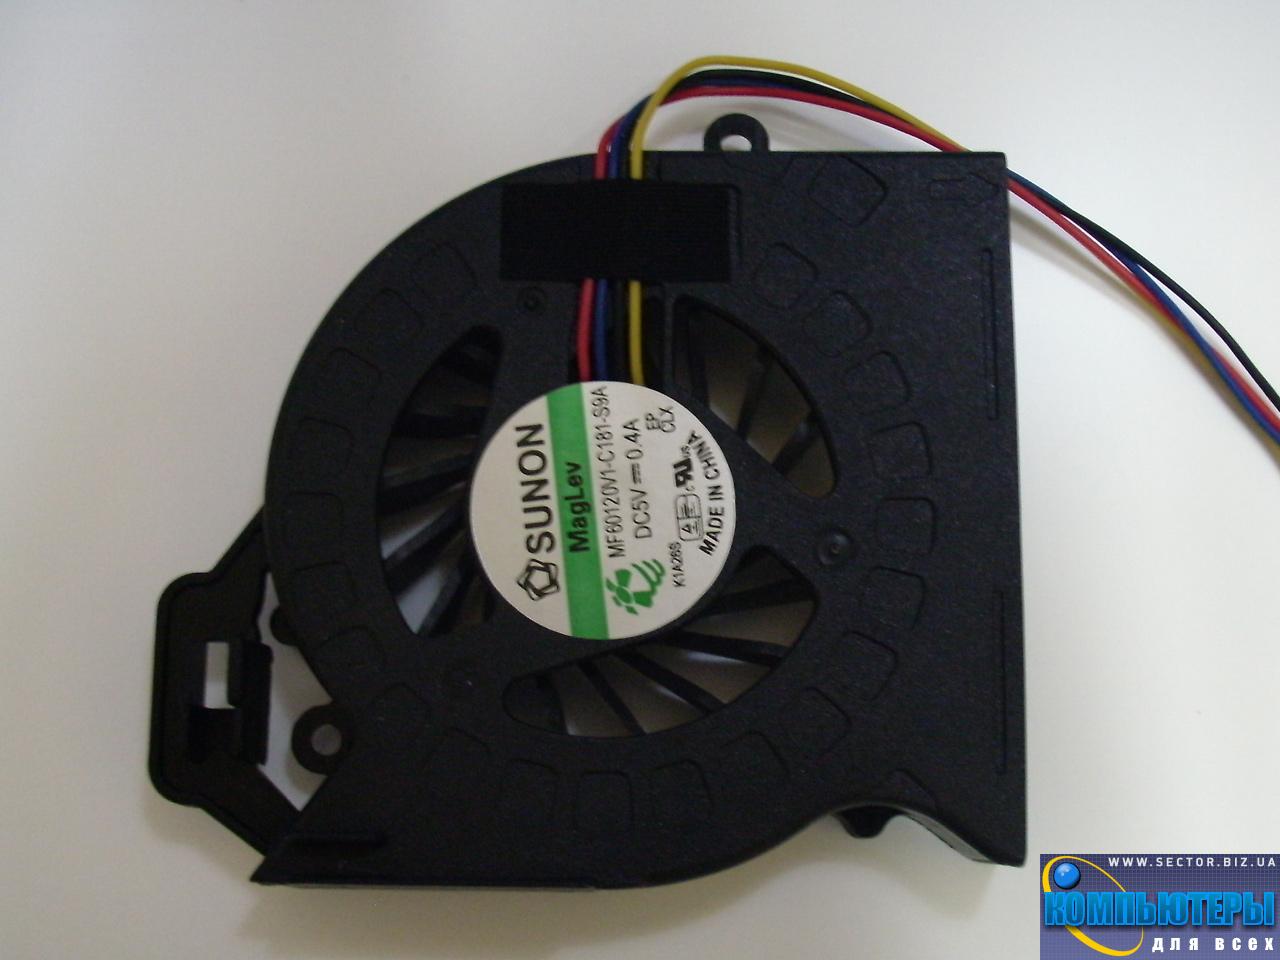 Кулер к ноутбуку HP Pavilion DV6-6200 DV6-6b00 DV6-6c00 DV7-6000 ProBook 4530S p/n: MF60120V1-C181-S9A. Фото № 4.